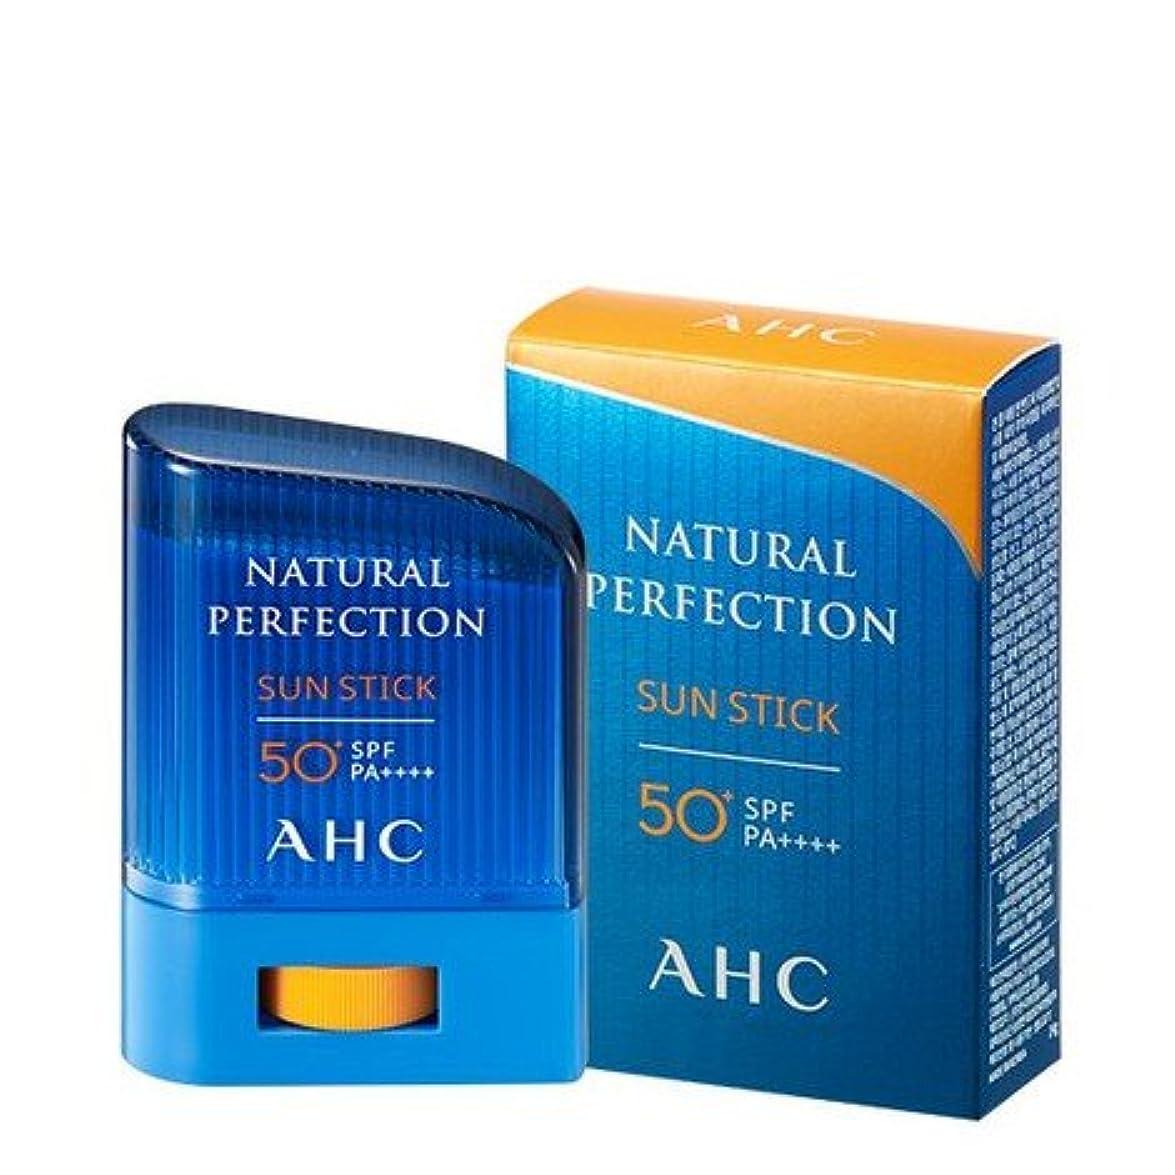 インカ帝国日曜日お香[Renewal 最新] AHCナチュラルパーフェクション線スティック / AHC NATURAL PERFECTION SUN STICK [SPF 50+ / PA ++++] [並行輸入品] (14g)